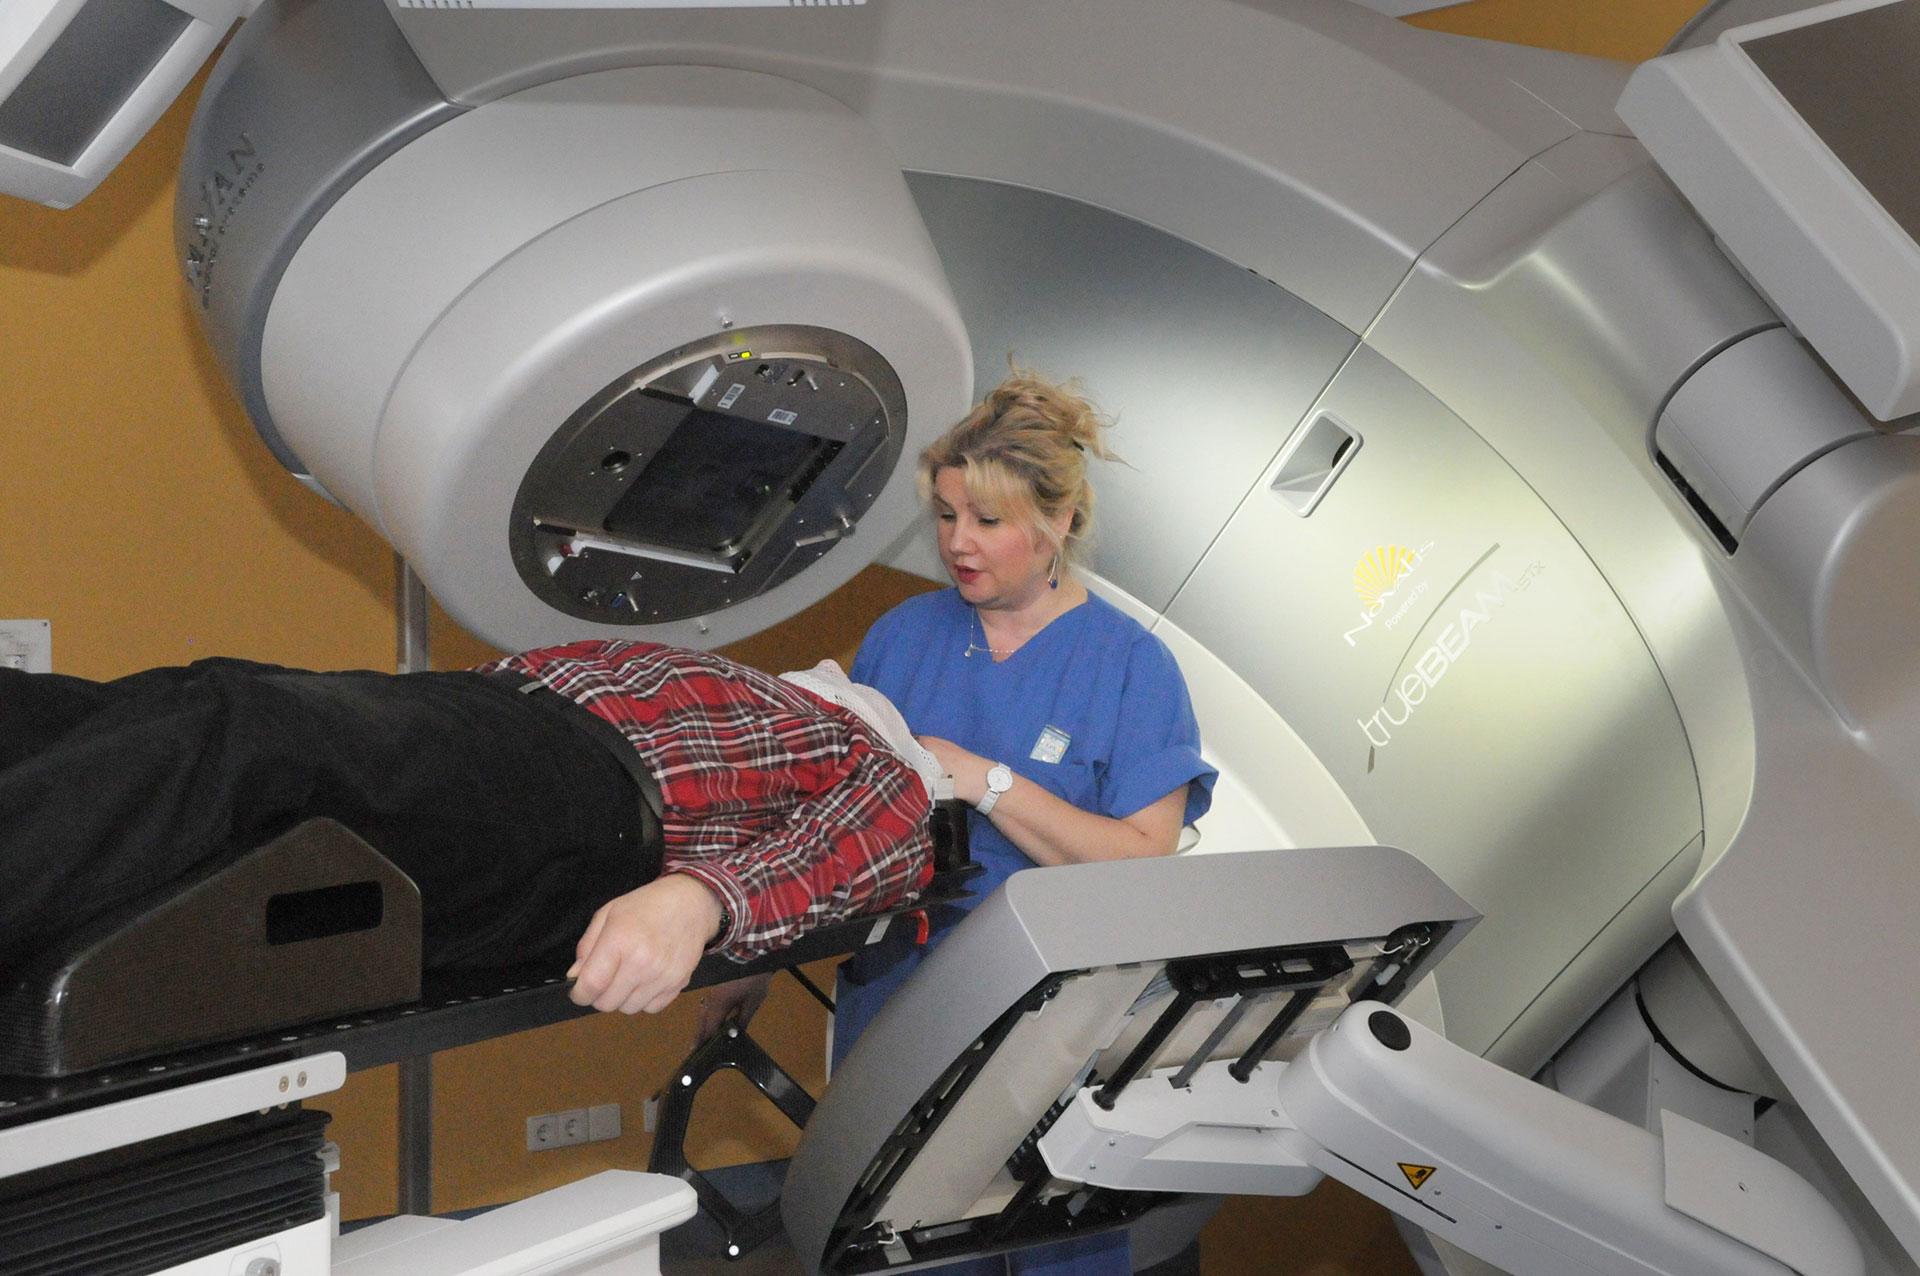 SKD_Radiochirurgiesystem-mit-Patient